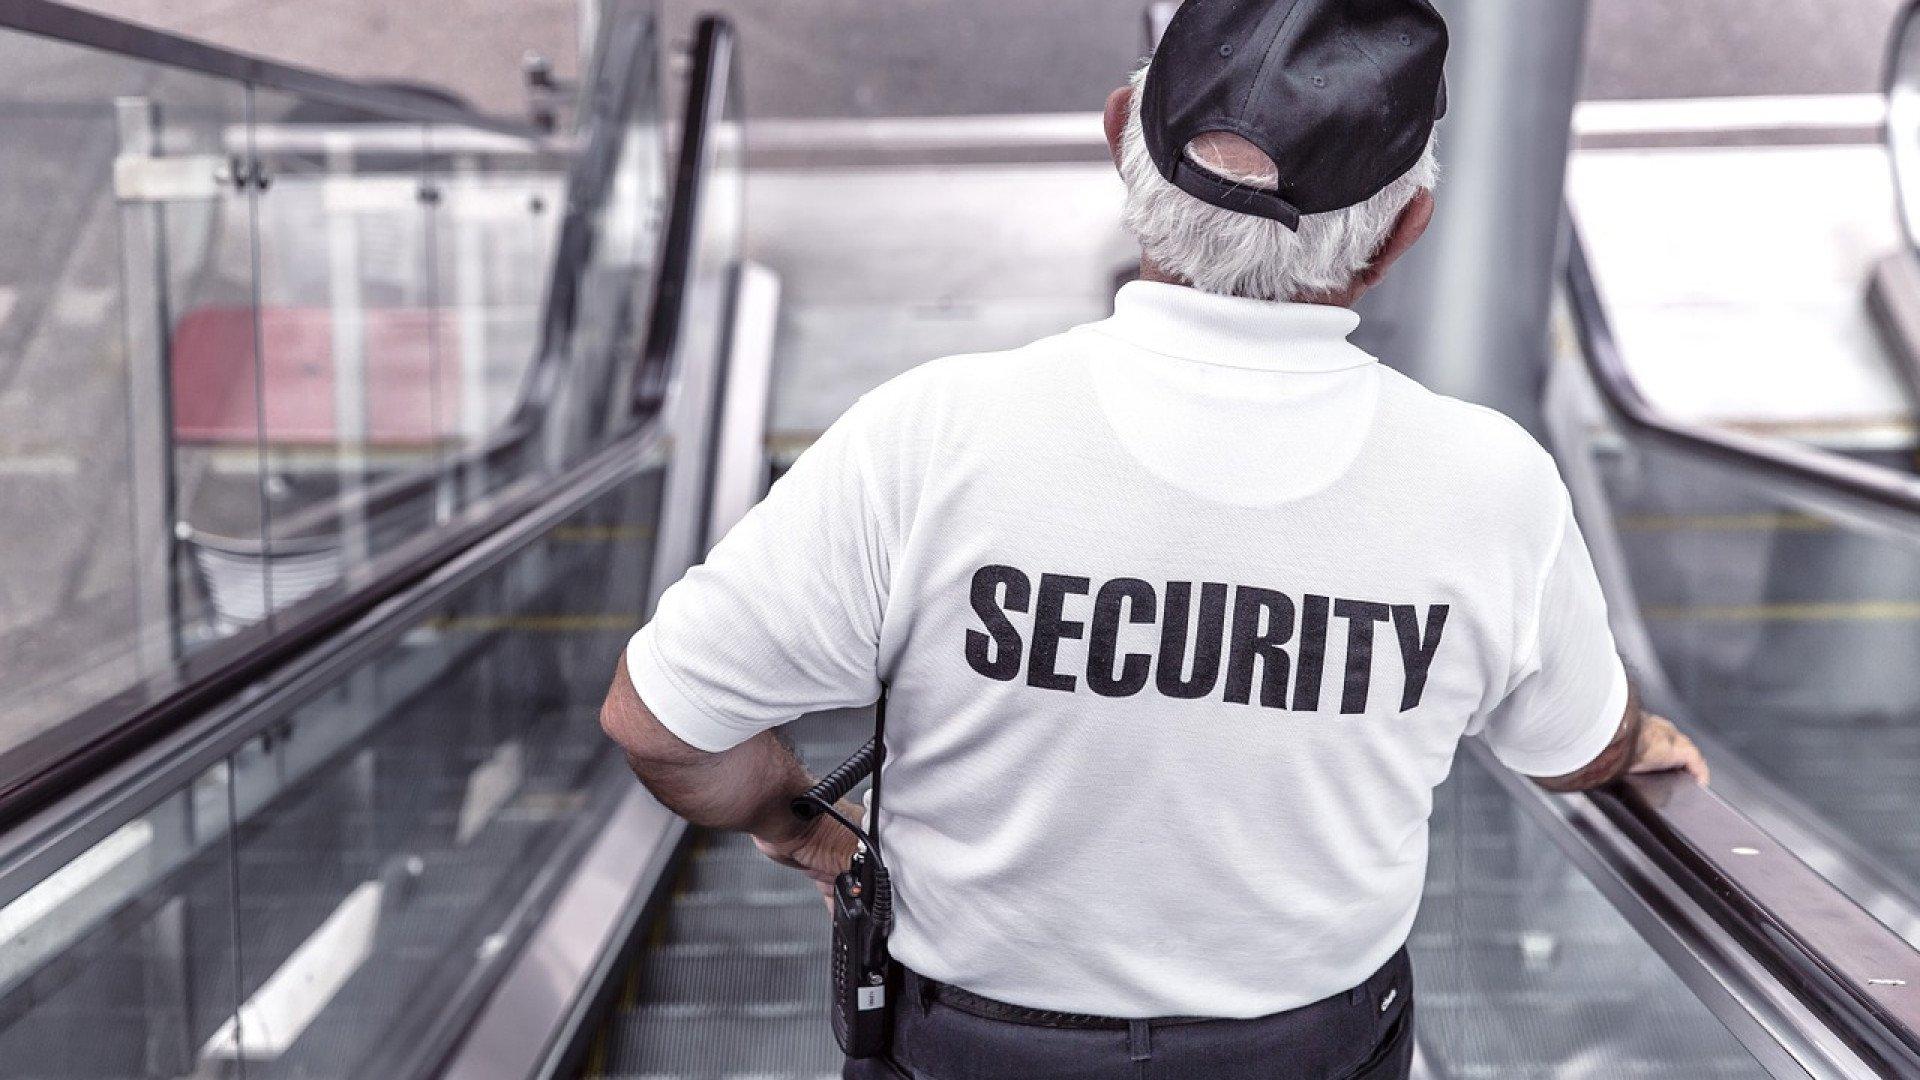 Un agent de sécurité doit procéder à plusieurs contrôles